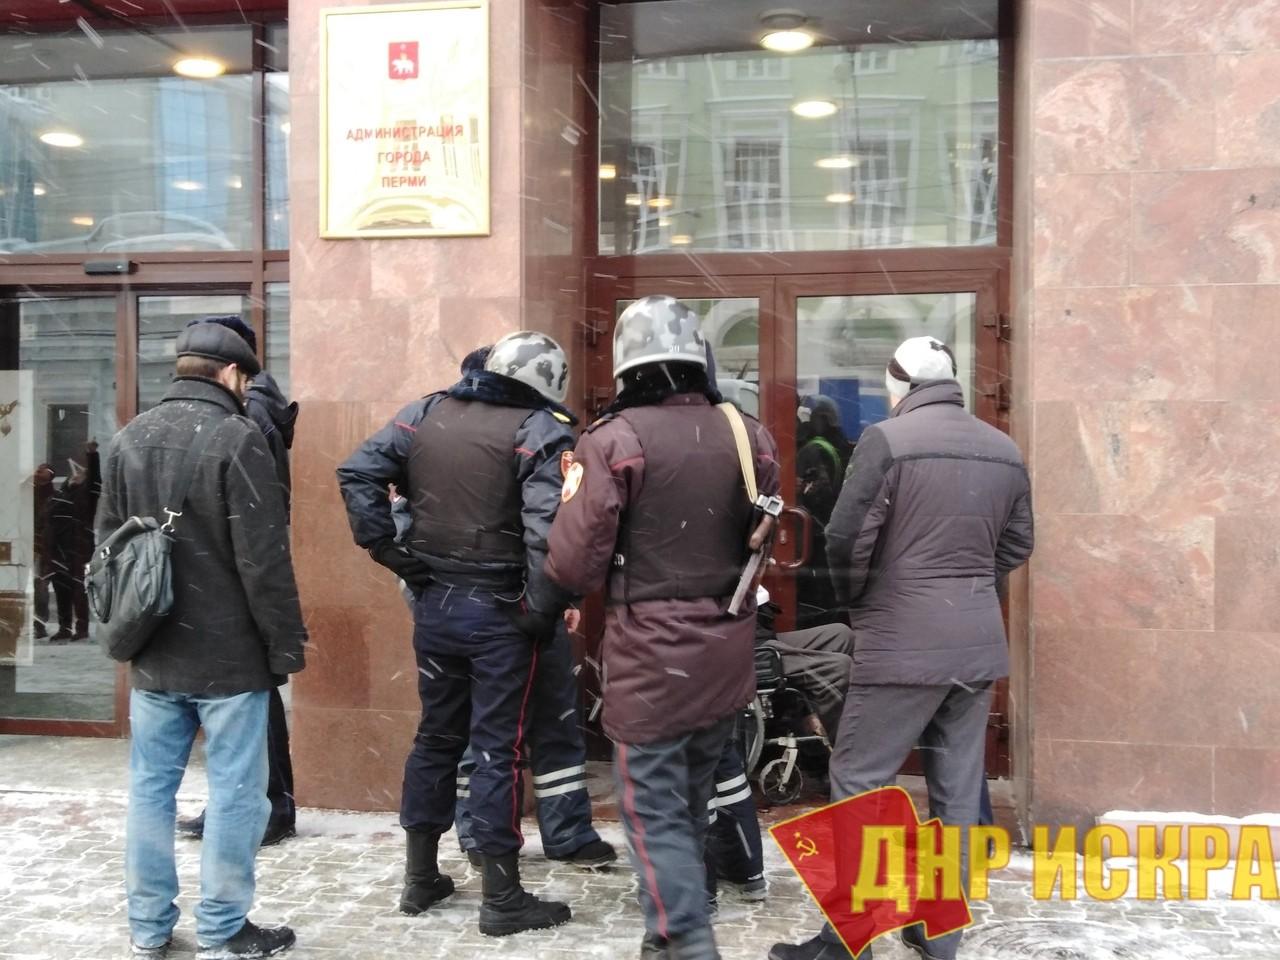 Пермь: Инвалид, оставшийся без средств к существованию, приковал себя к зданию Гордумы